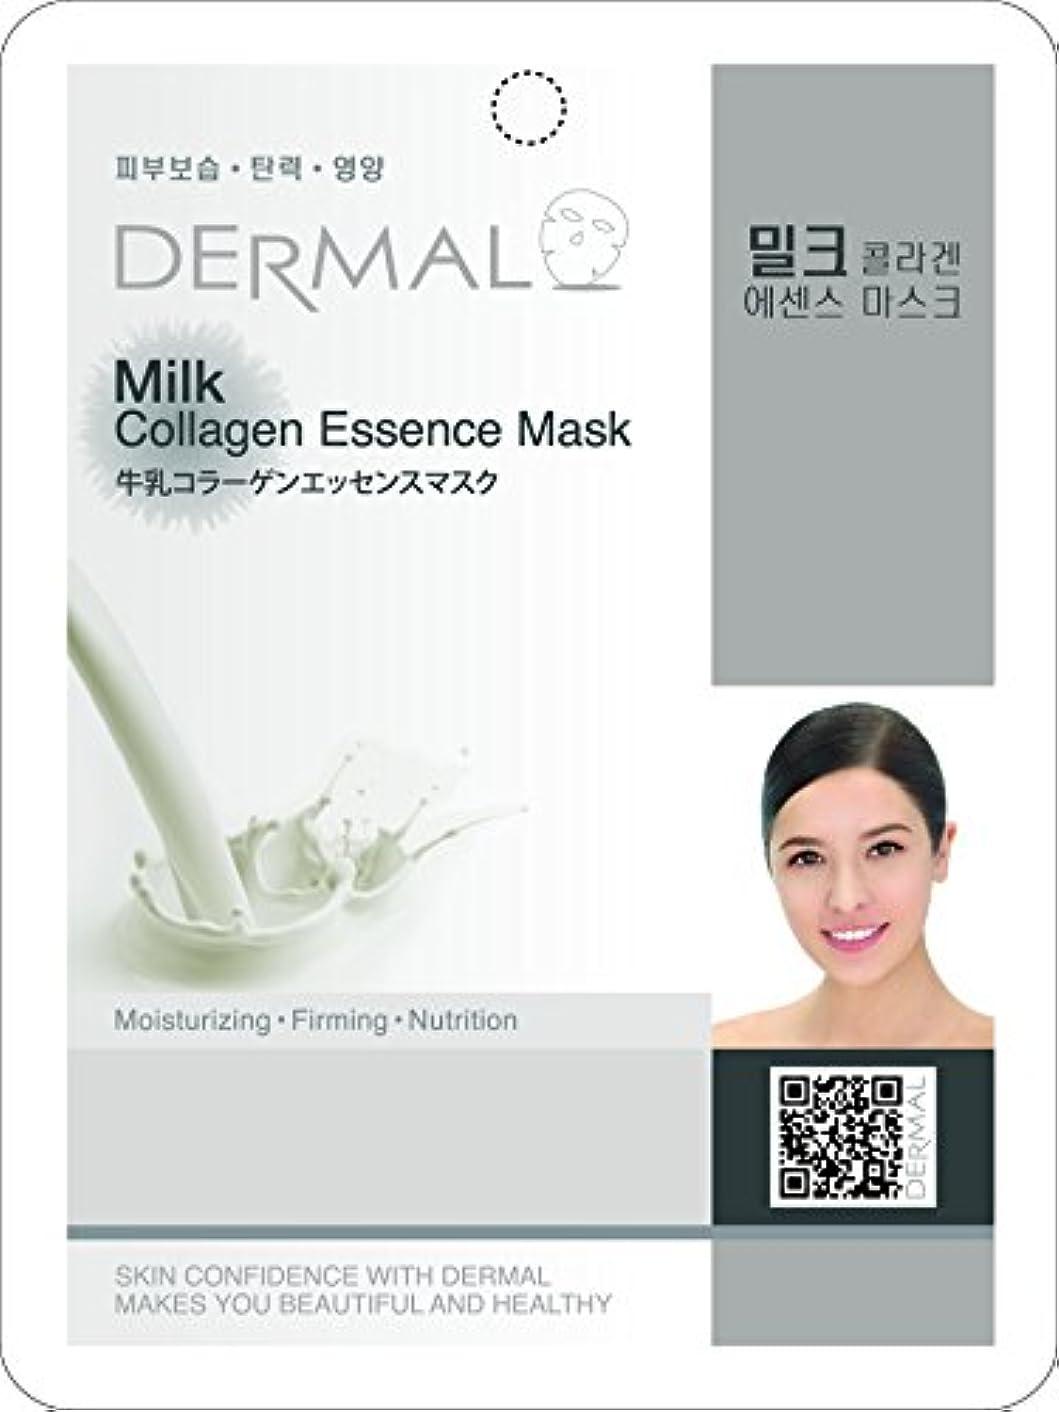 シャッター匿名サーバントミルクシートマスク(フェイスパック) 10枚セット ダーマル(Dermal)